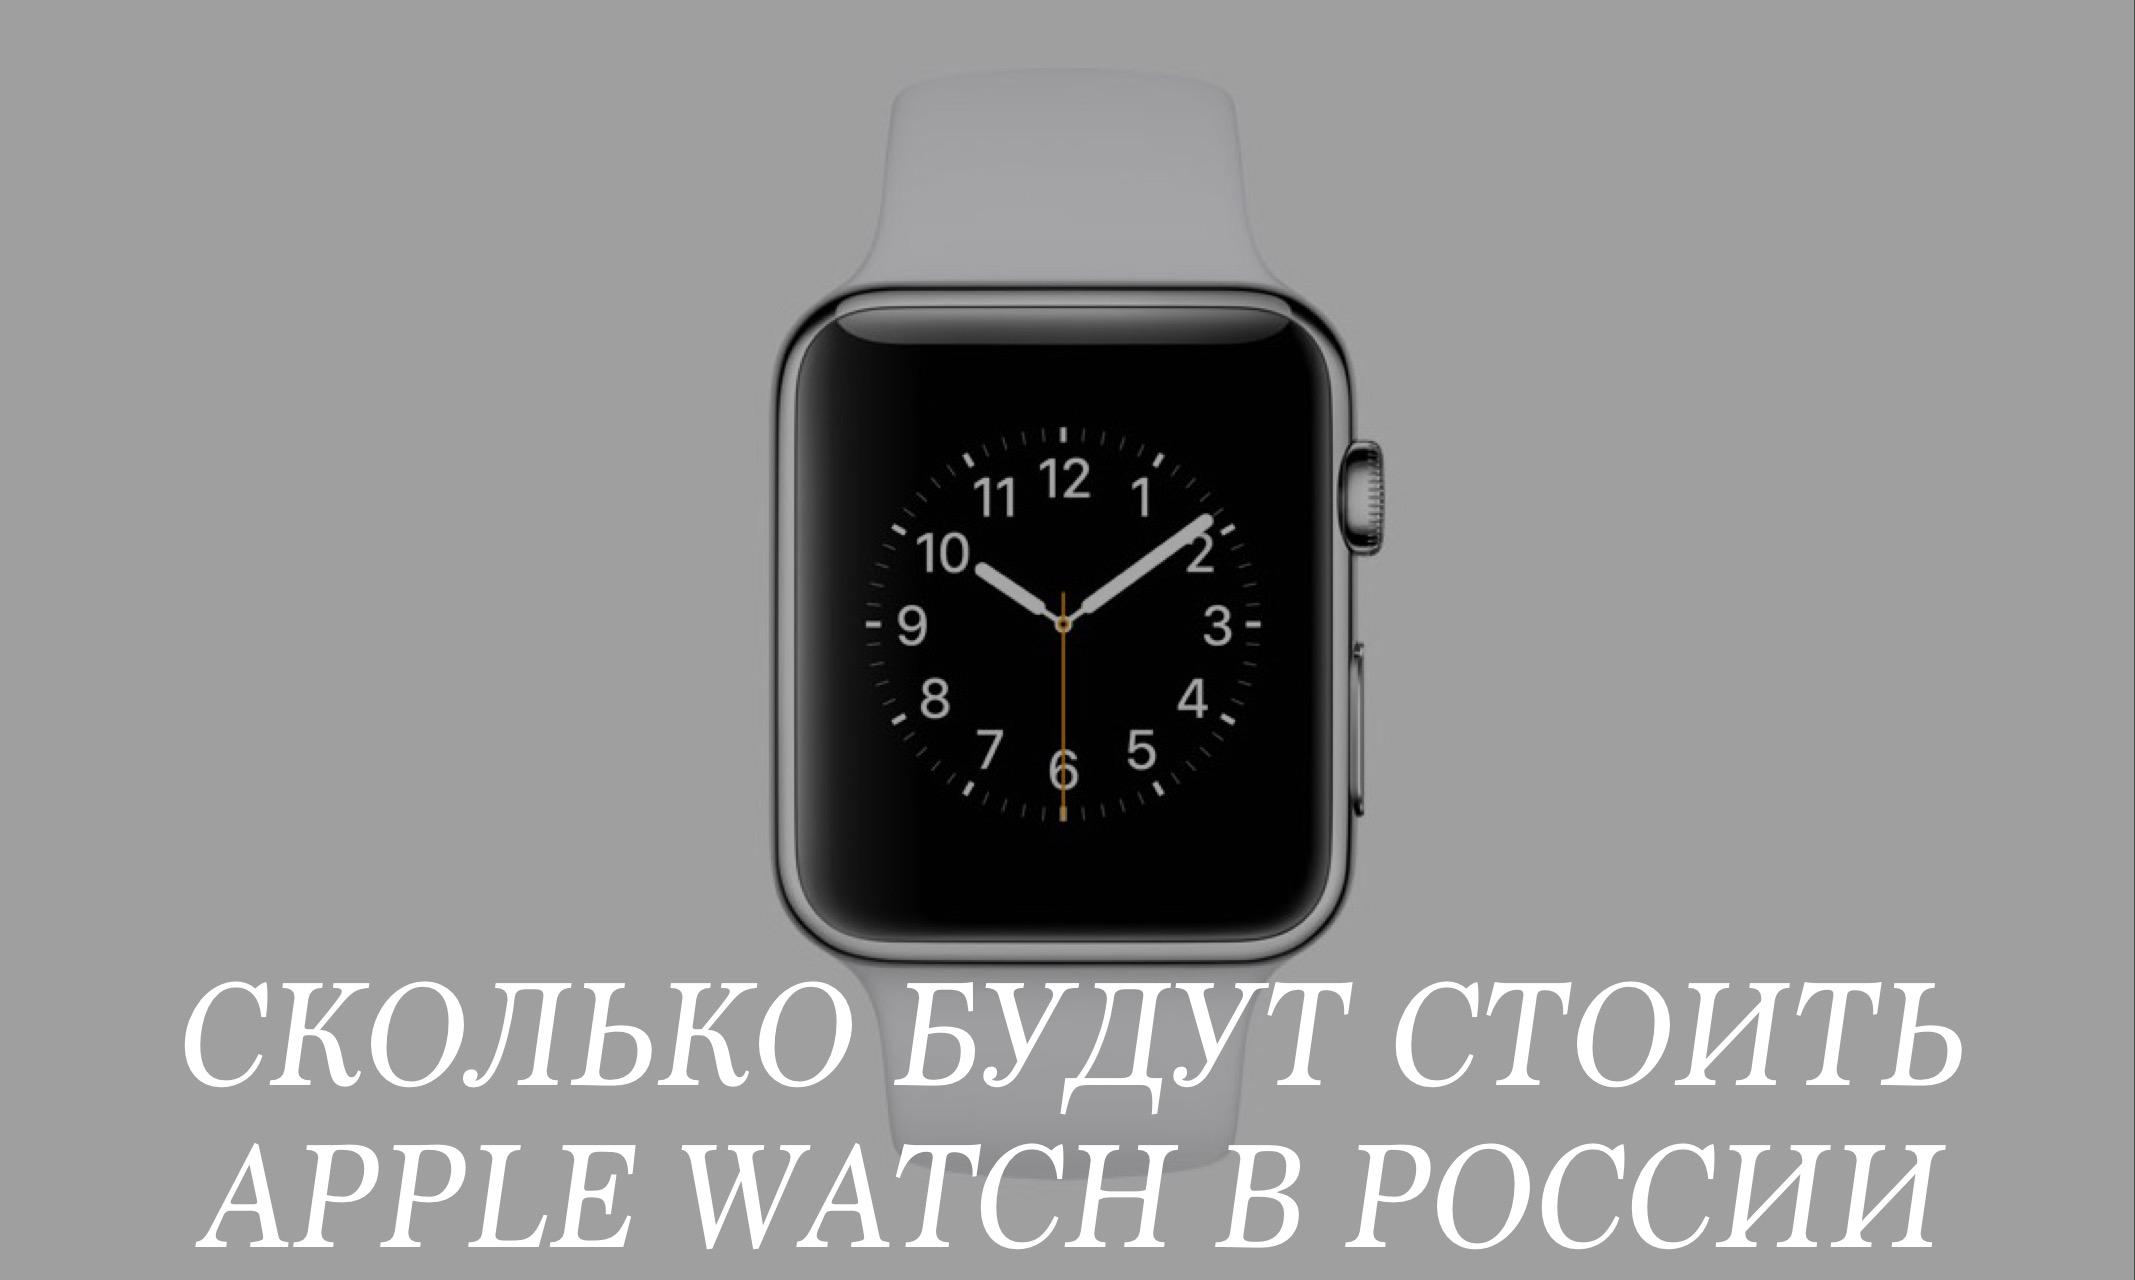 Сколько будут стоить Apple Watch в России